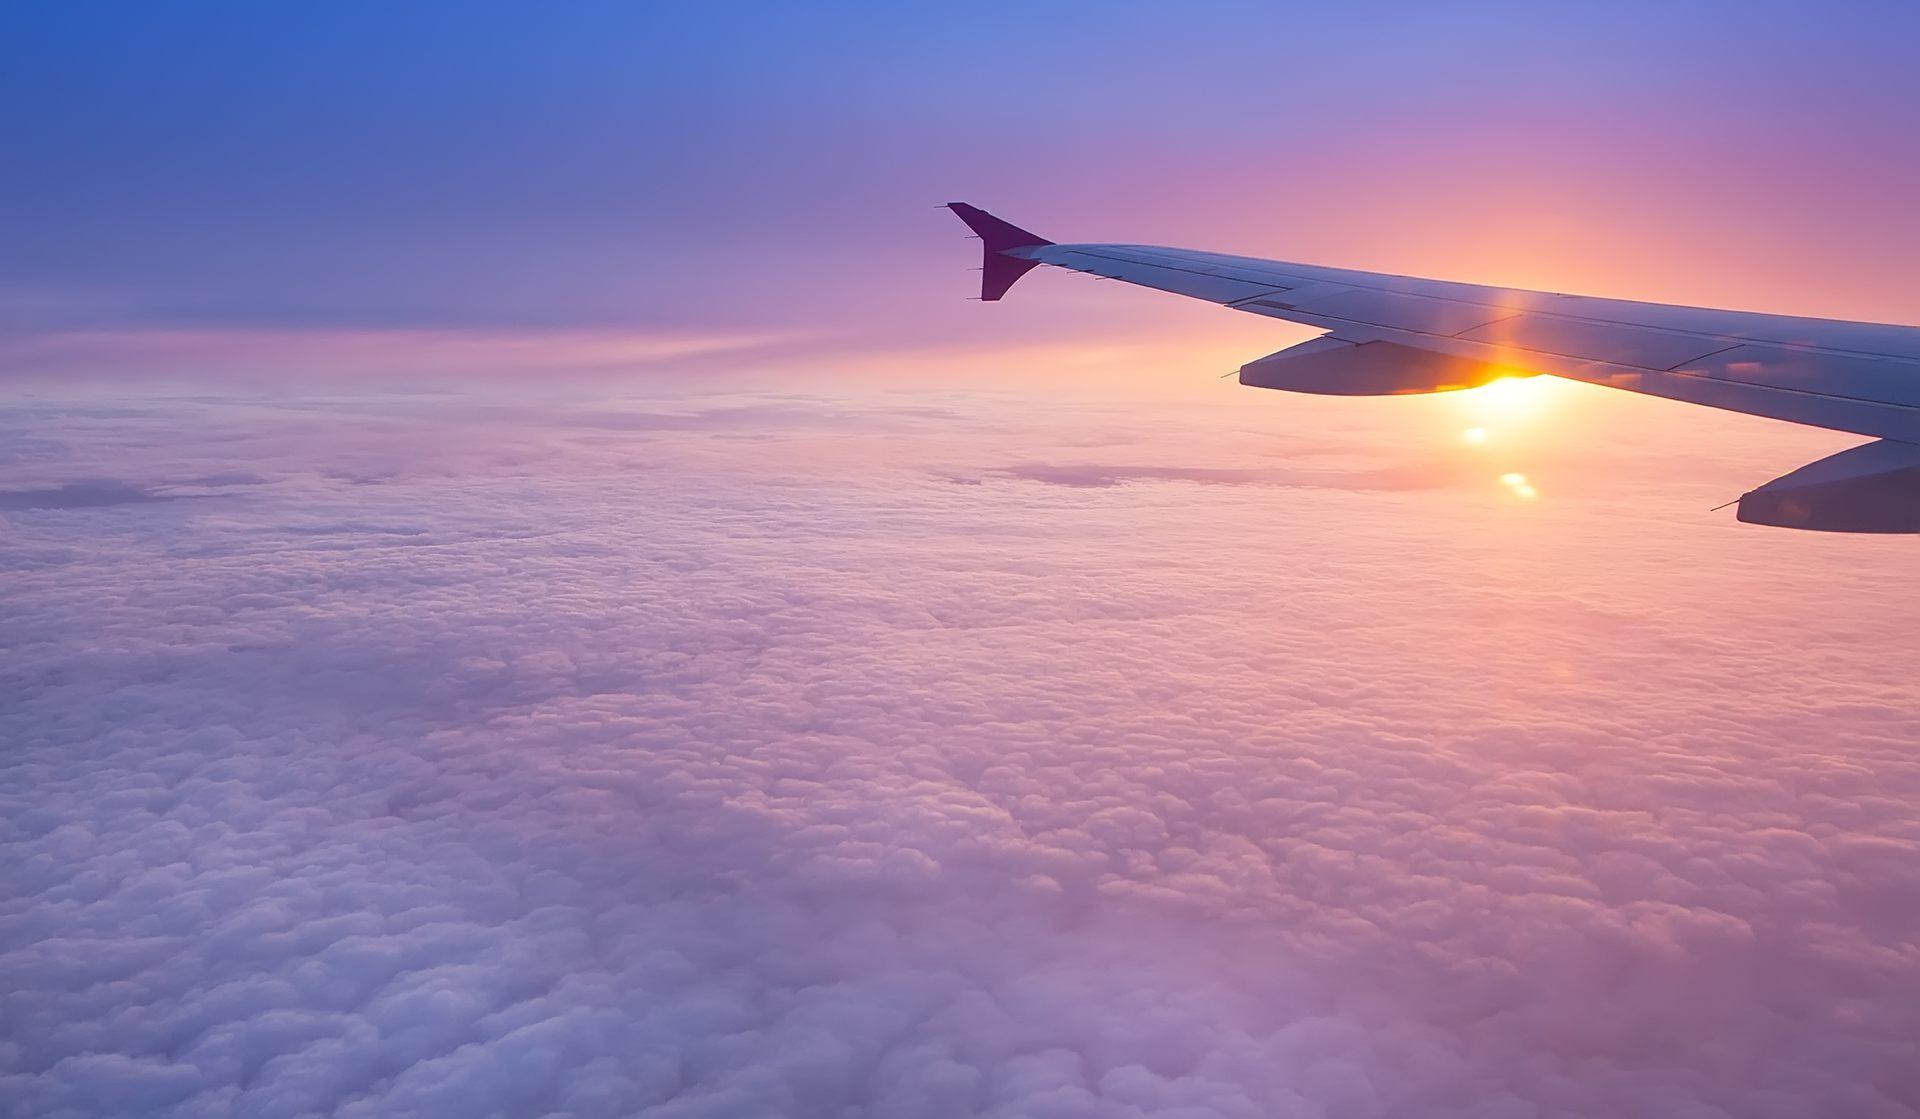 Время перелета пхукет москва прямой рейс